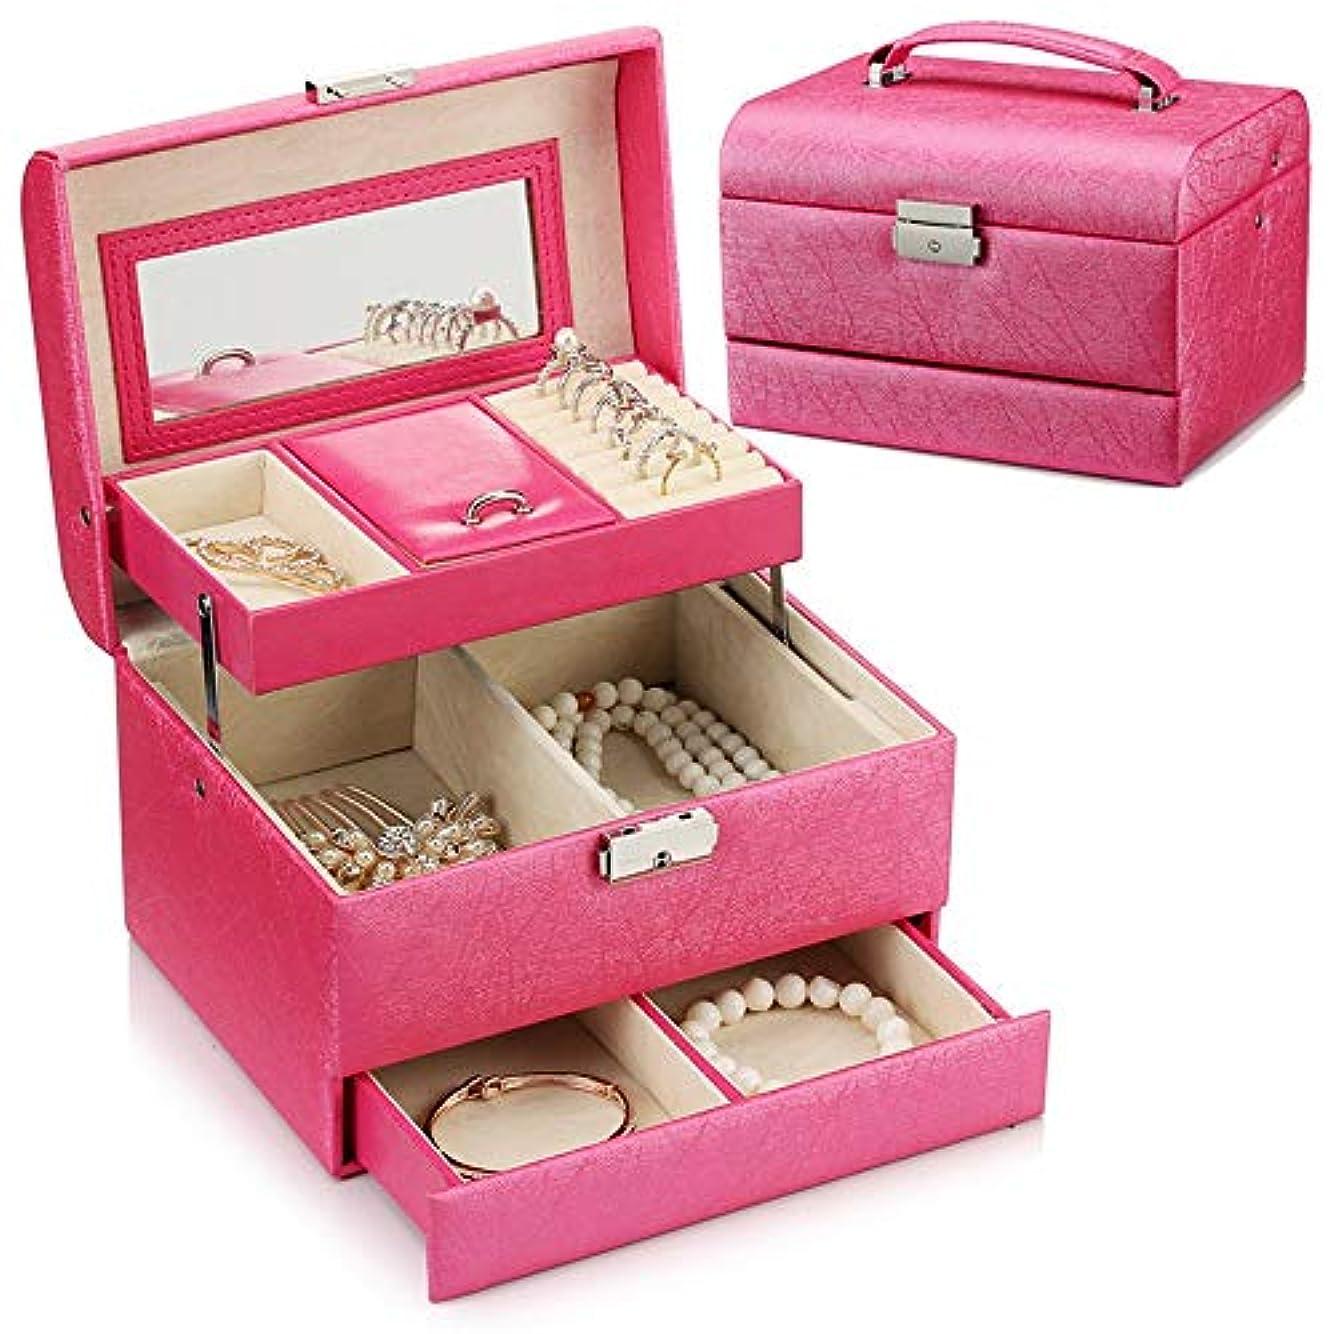 匹敵しますベリ区別特大スペース収納ビューティーボックス 女の子の女性旅行のための新しく、実用的な携帯用化粧箱およびロックおよび皿が付いている毎日の貯蔵 化粧品化粧台 (色 : ローズレッド)